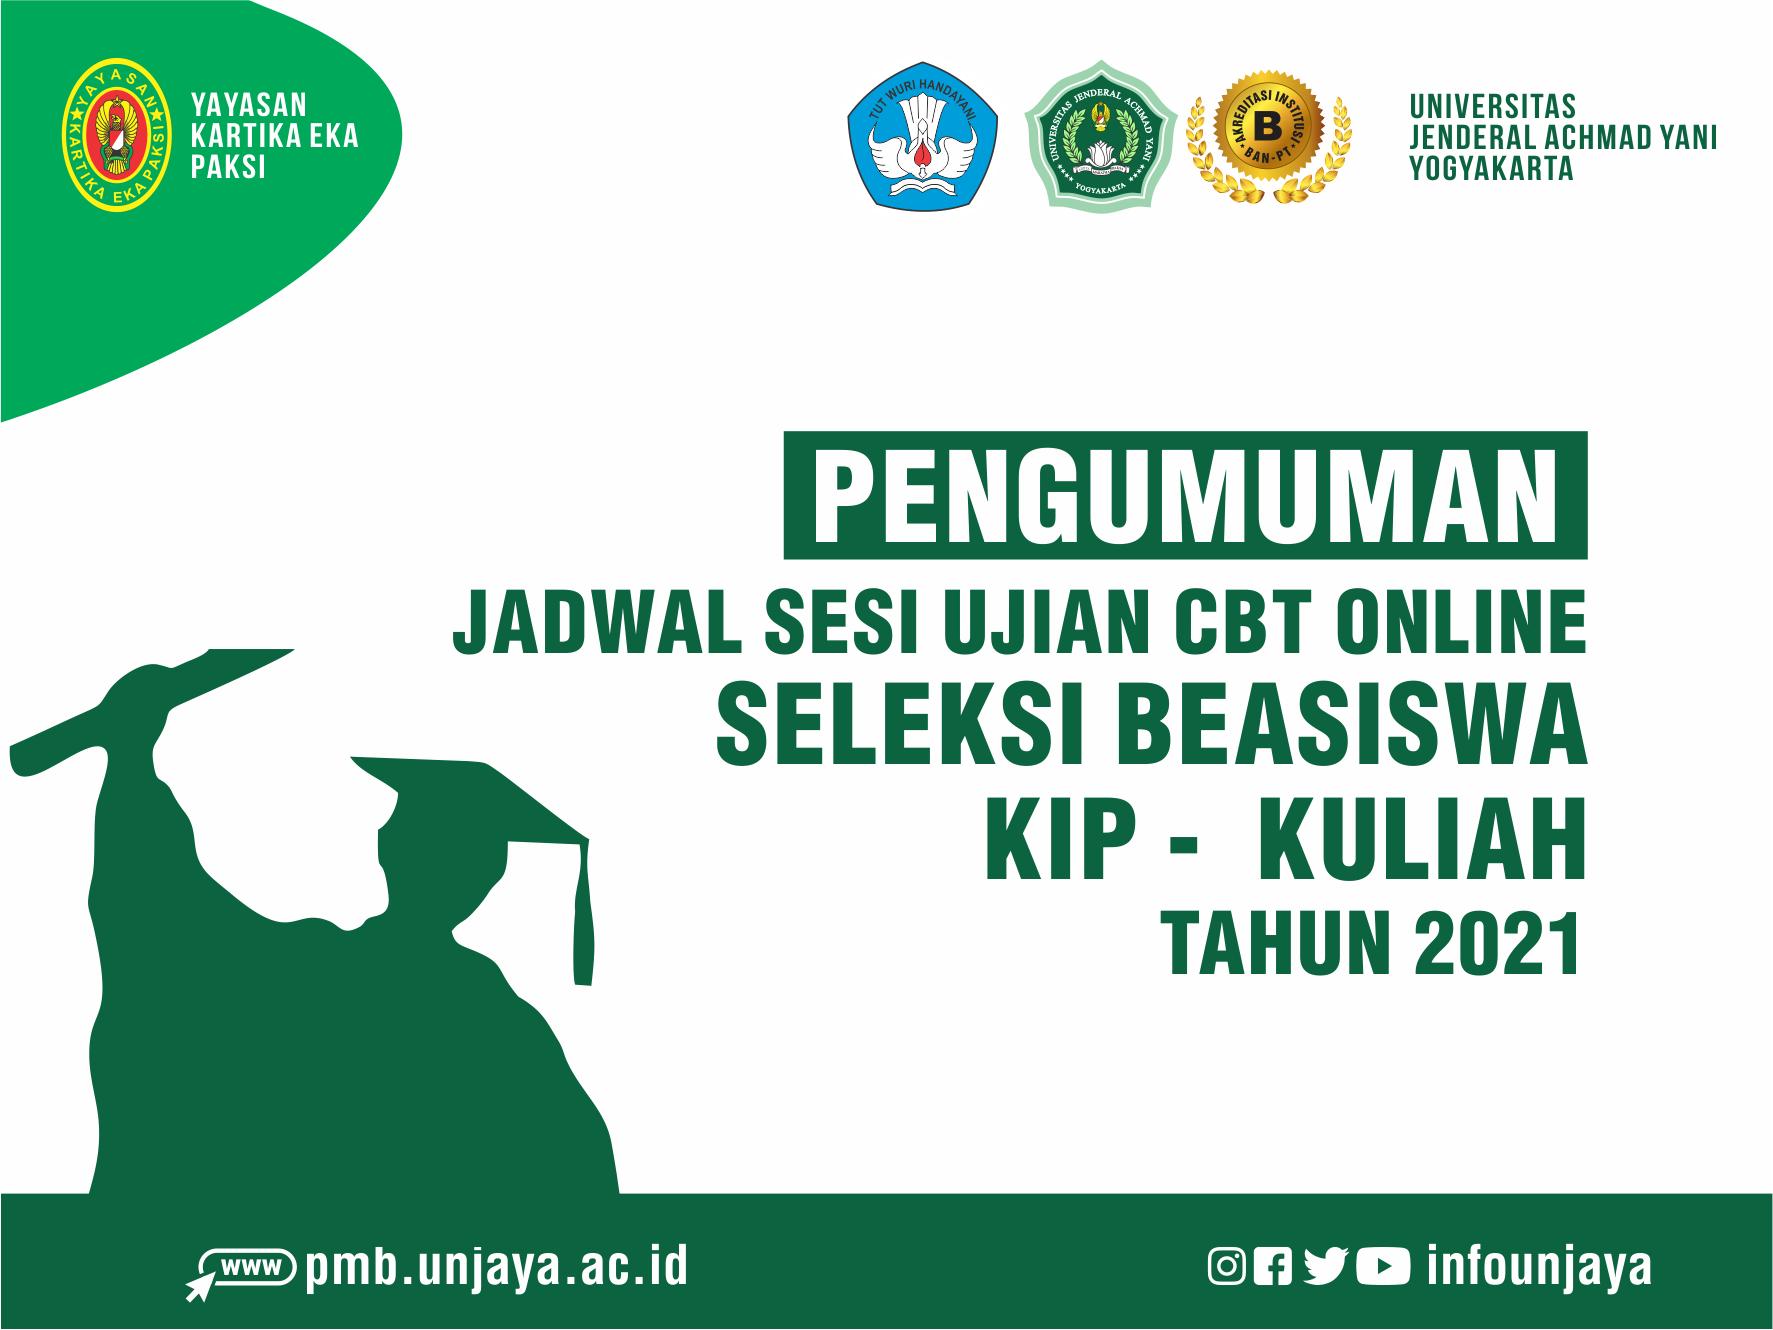 Jadwal Sesi Ujian CBT Seleksi Beasiswa KIP Kuliah UNJAYA 2021